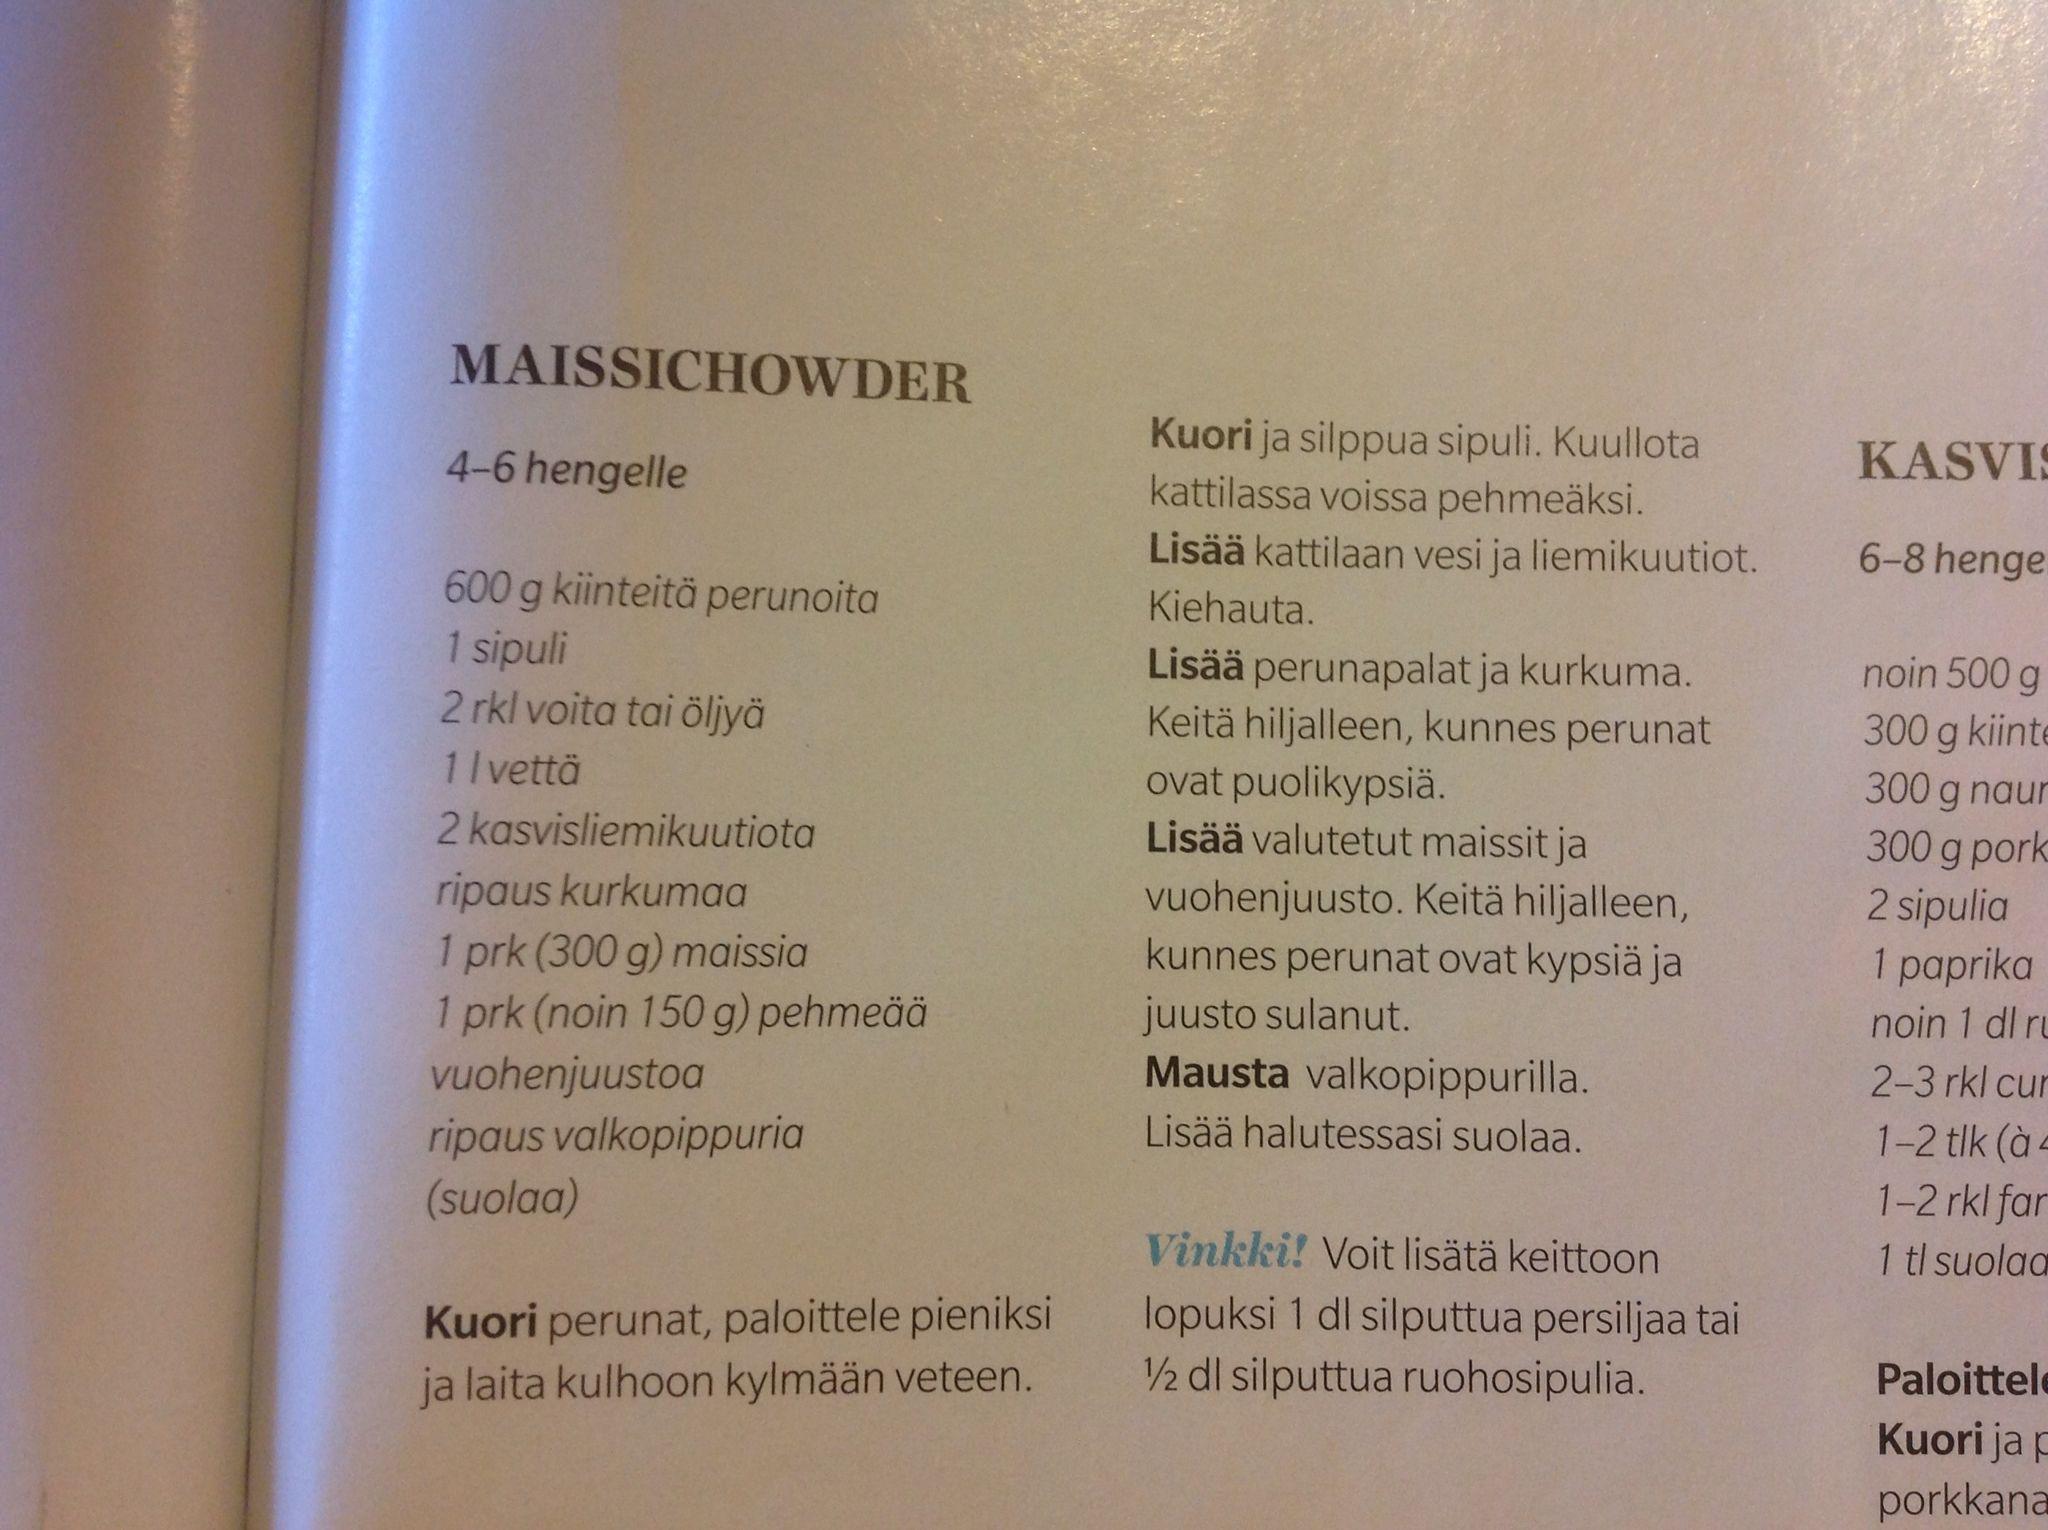 Kodinkuvalehdestä 2/2014